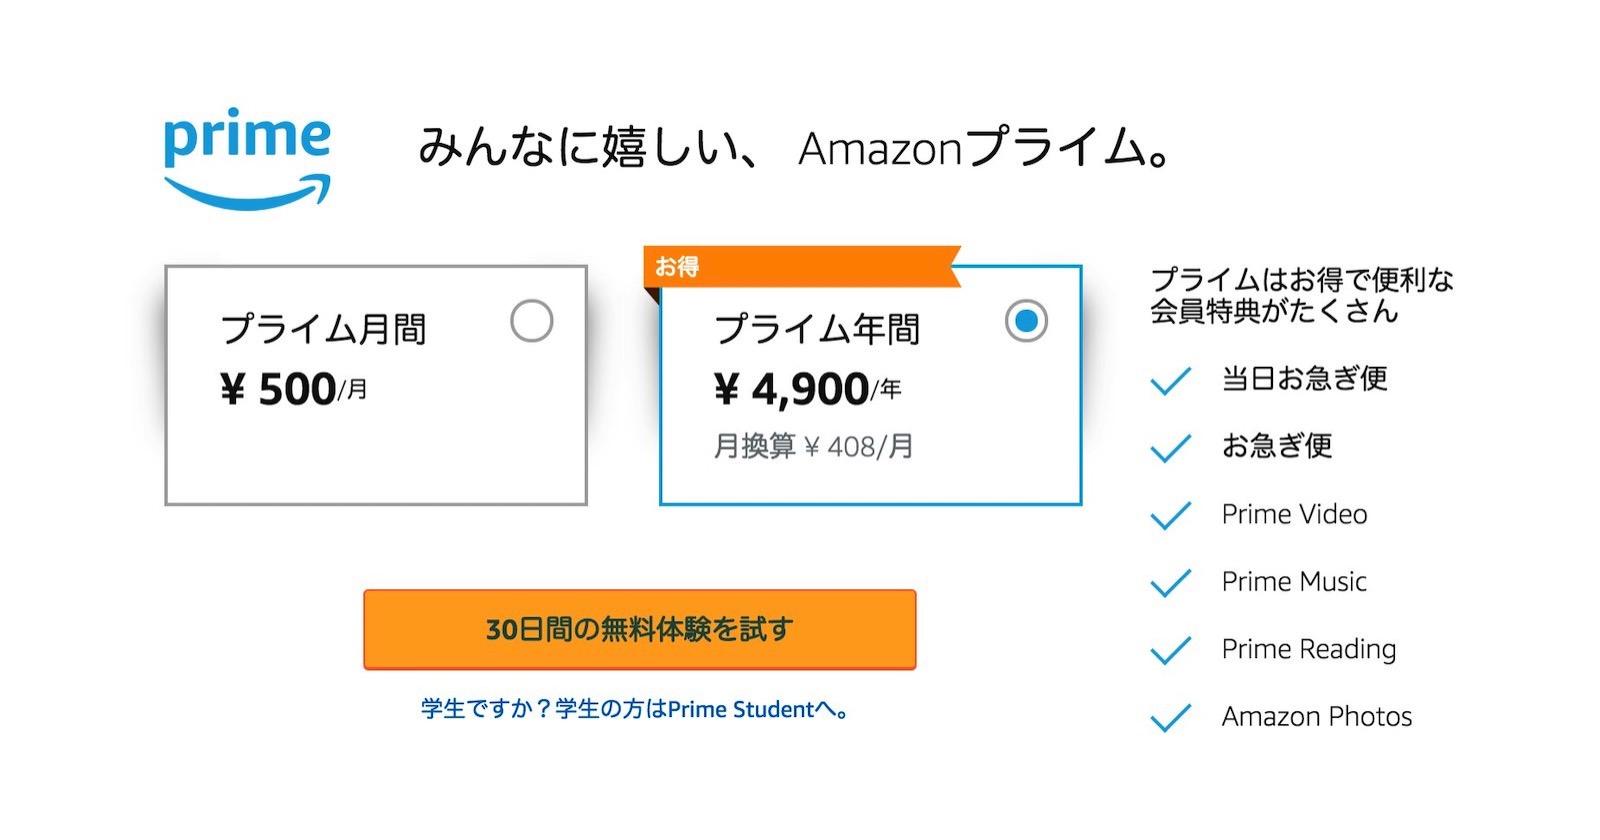 Amazon Prime New Price 2019 2